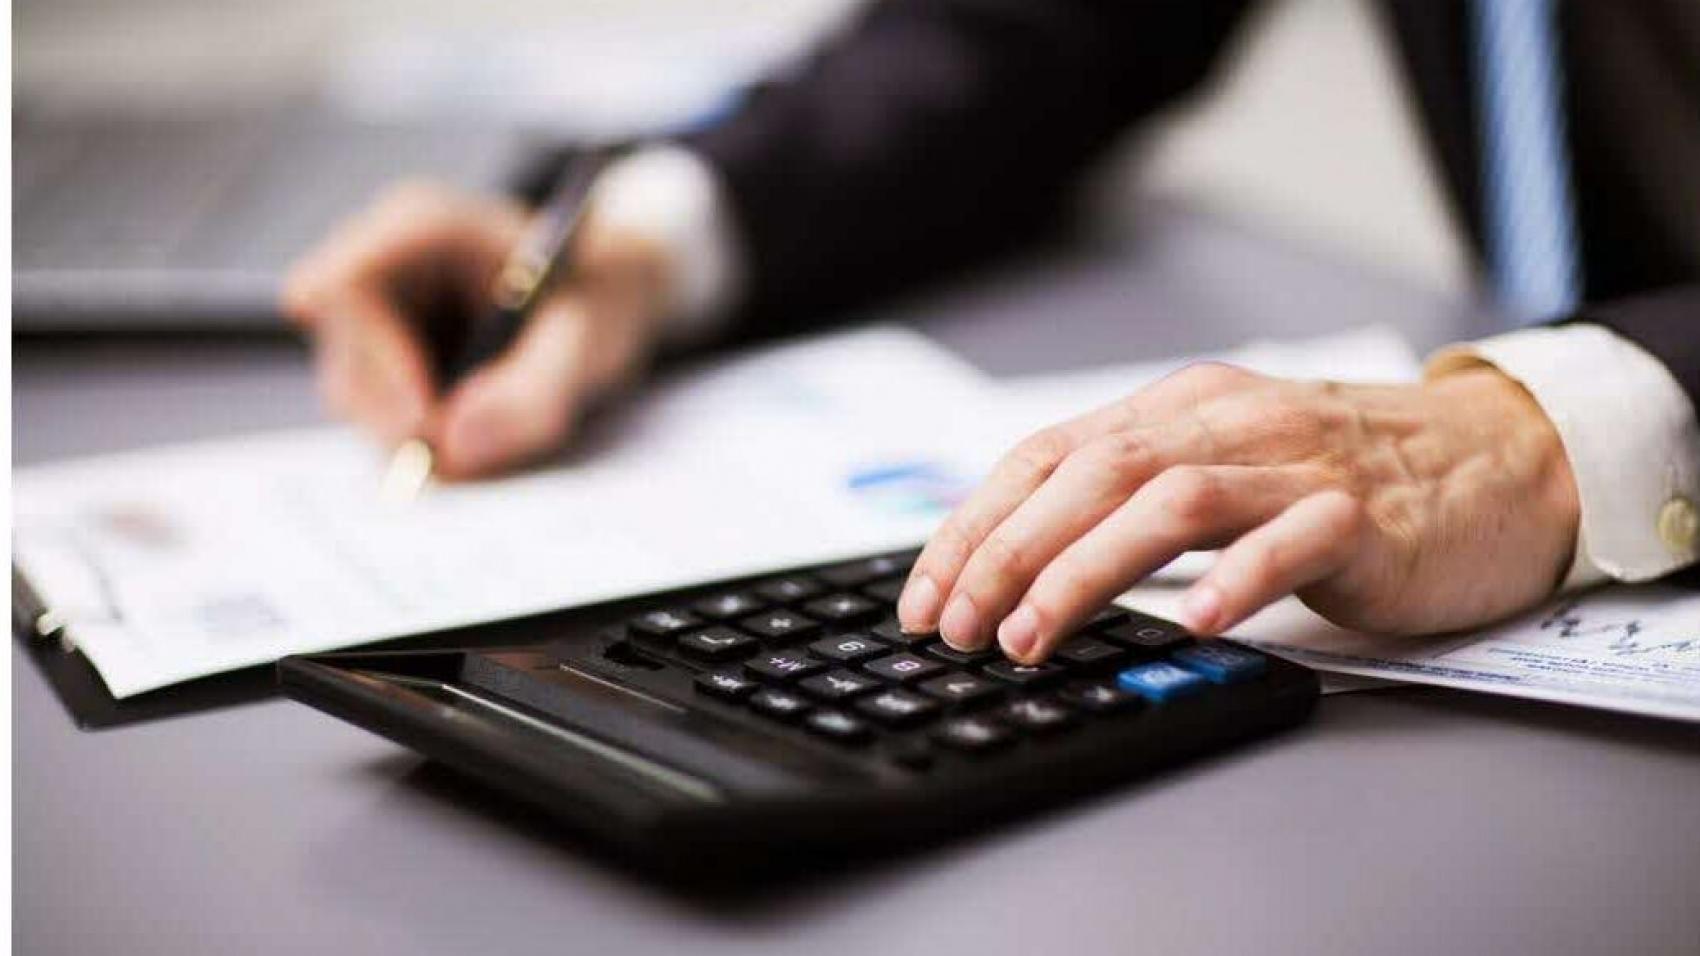 envie-de-travailler-dans-la-banque-des-postes-en-alternance-sont-a-pourvoir-a-lyon-1475255893